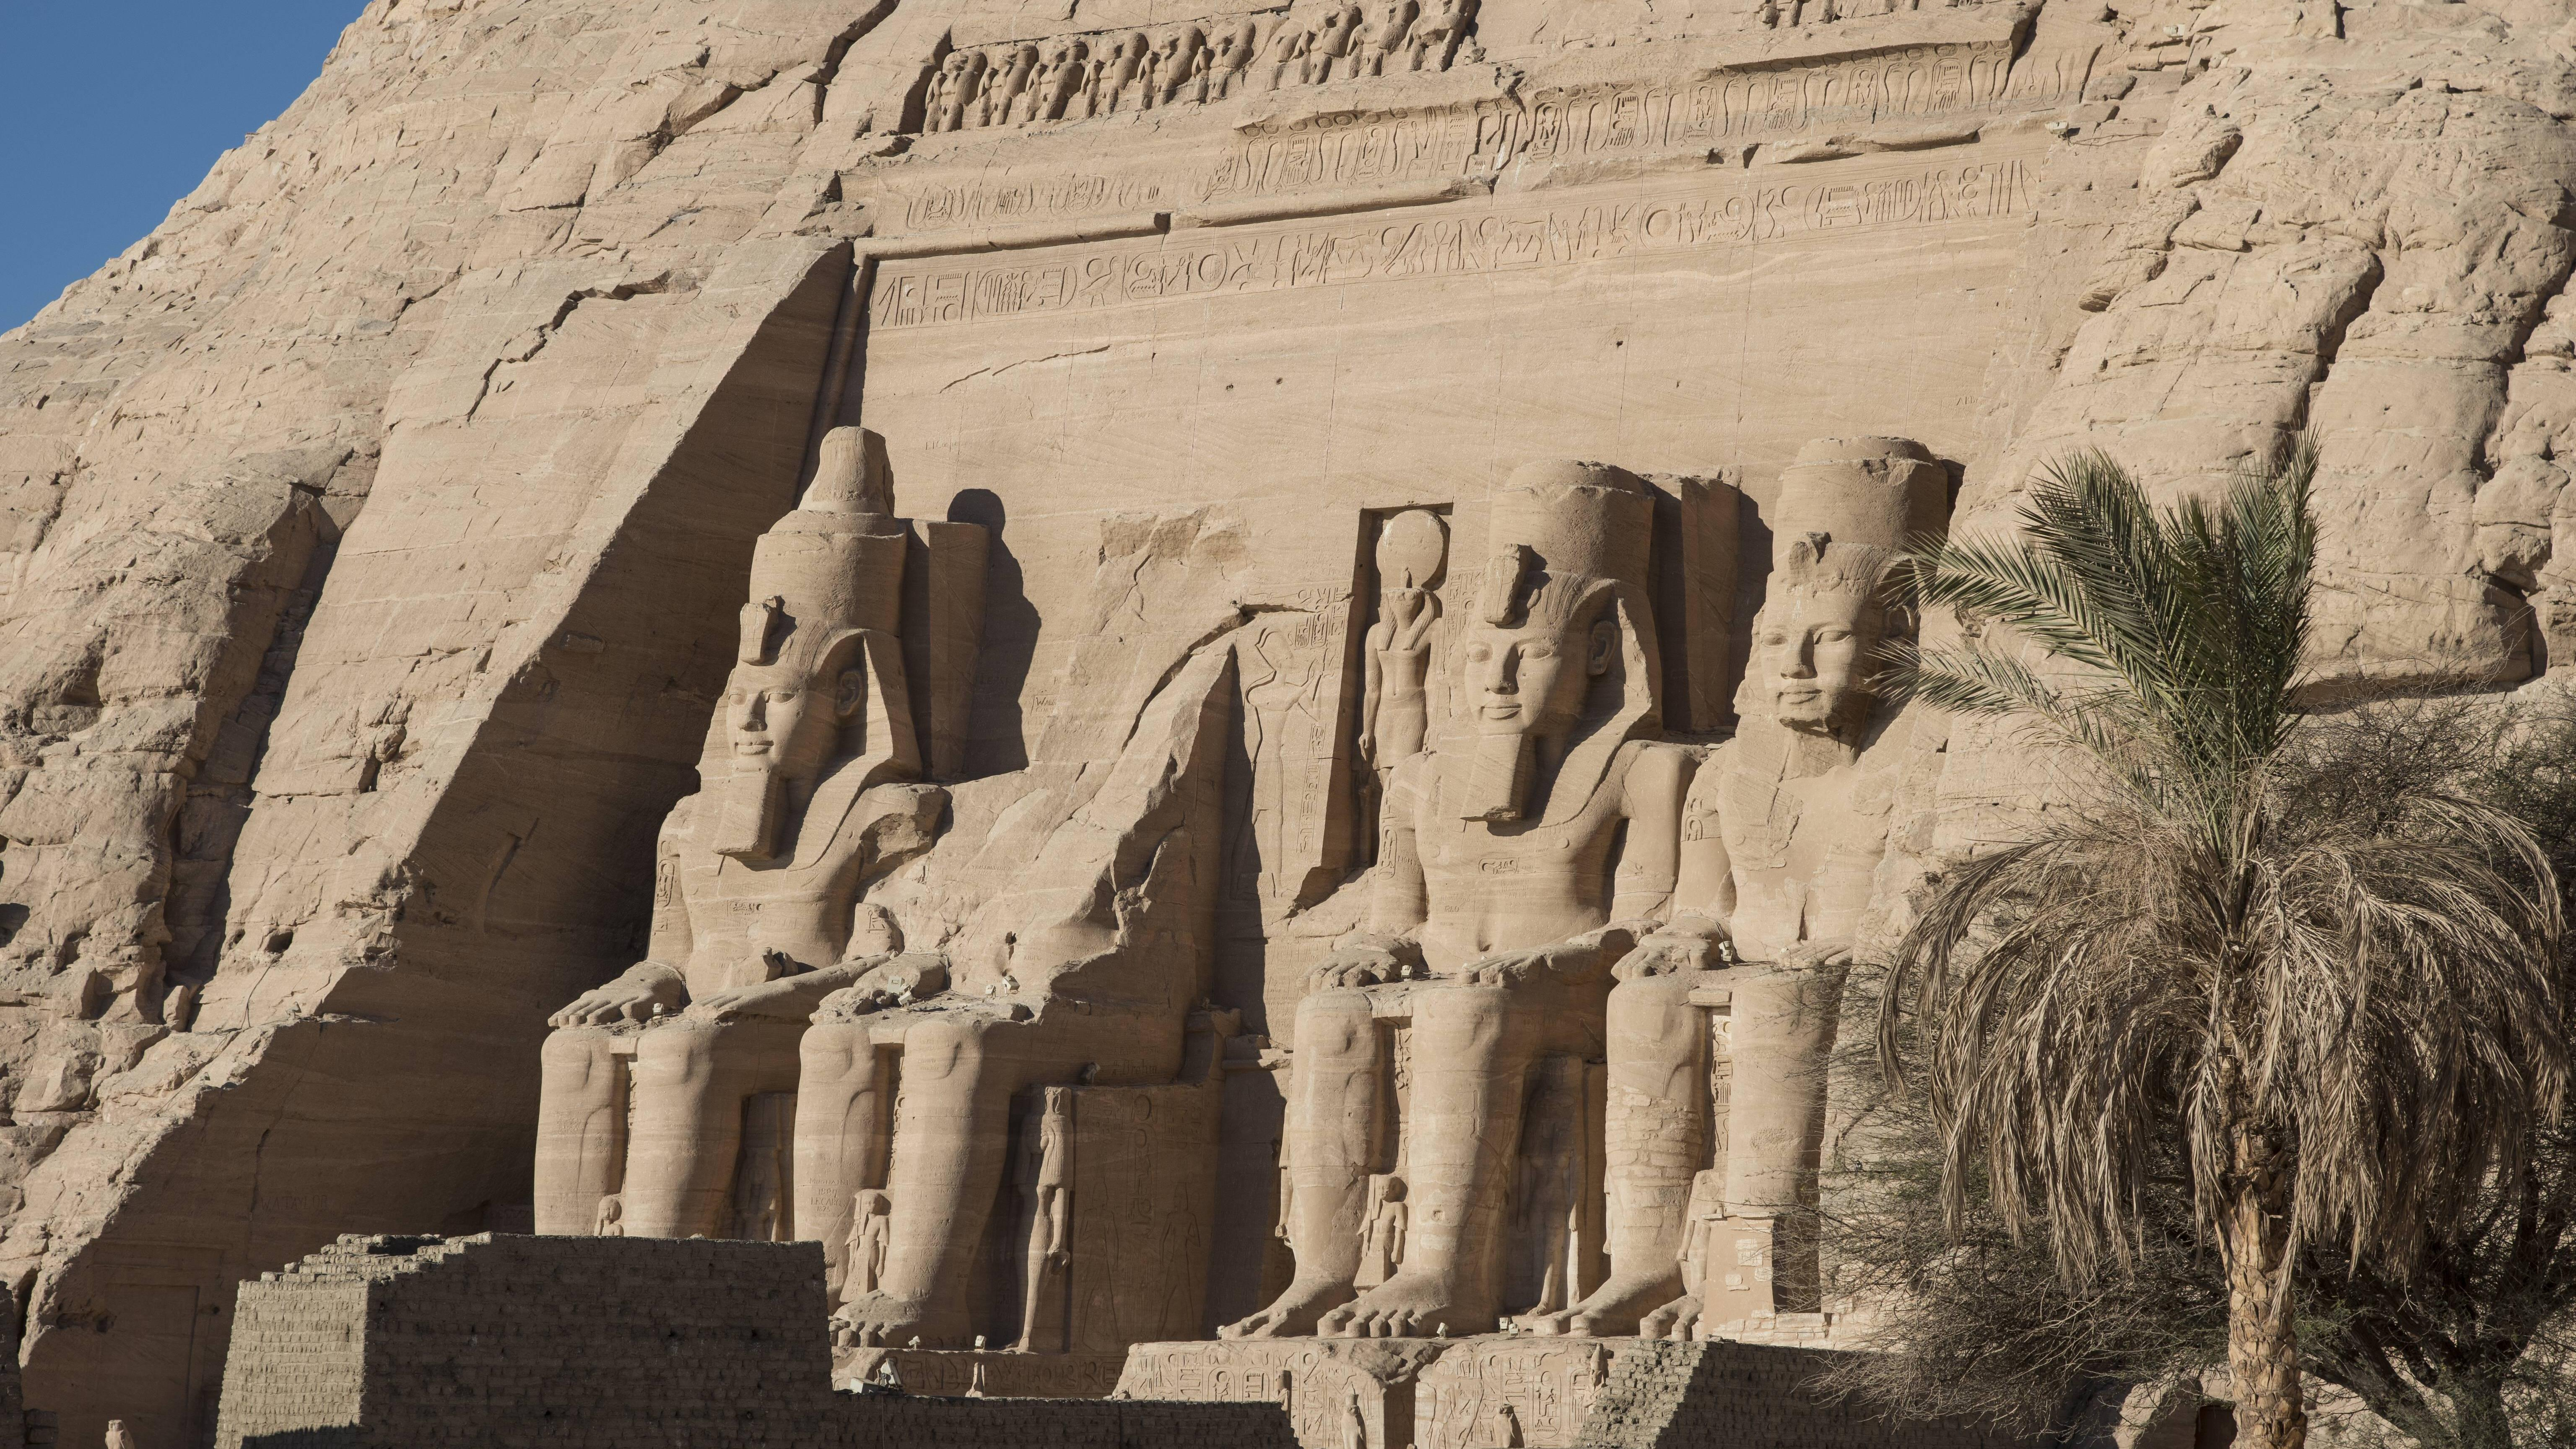 Eine Reise in den heißen Süden Ägyptens zur Besichtigung von Tempeln wie Abu Simbel lohnt sich.